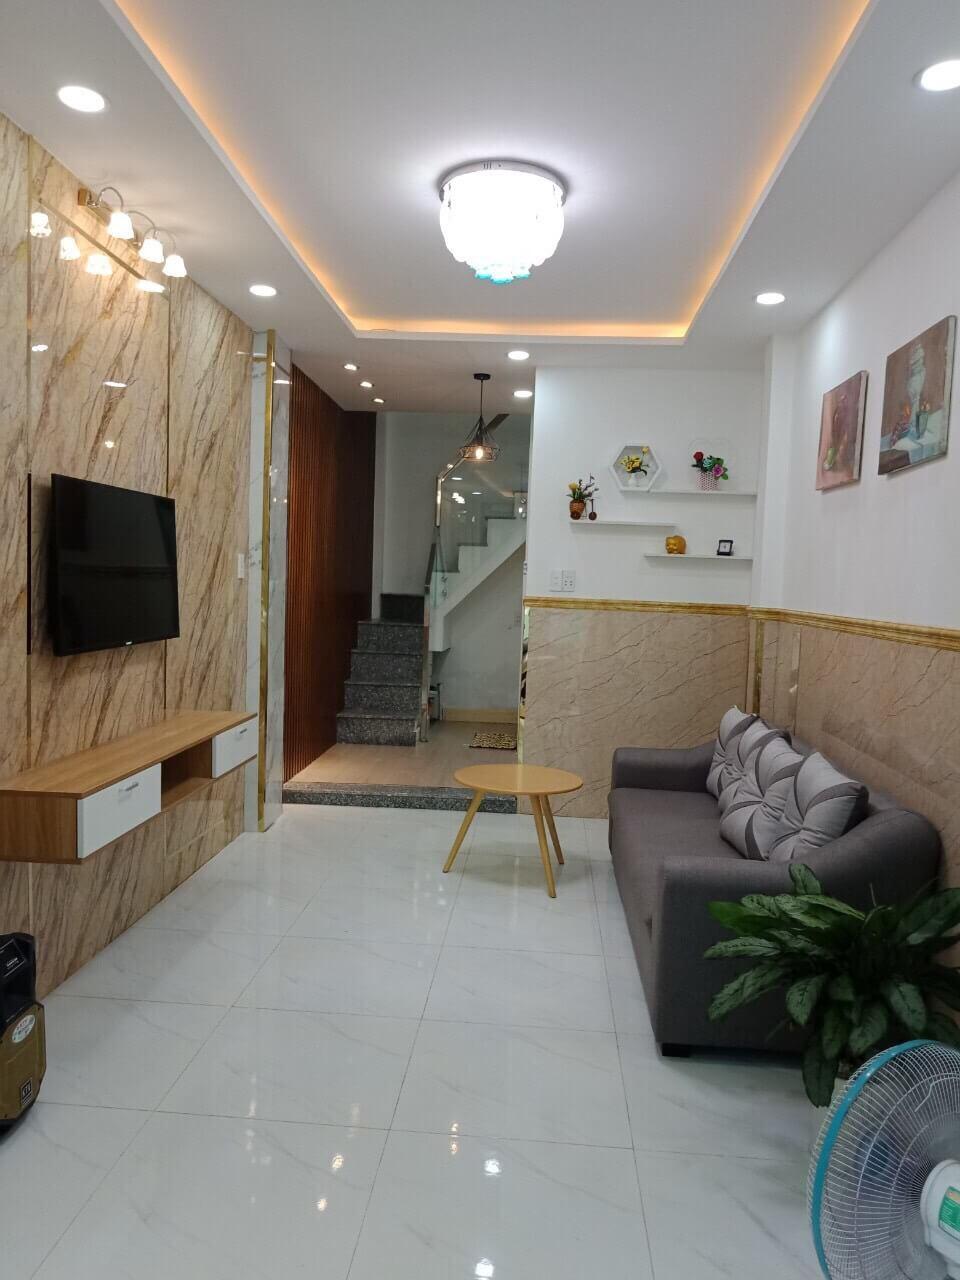 Chất lượng của dịch vụ sửa nhà được khách hàng hài lòng